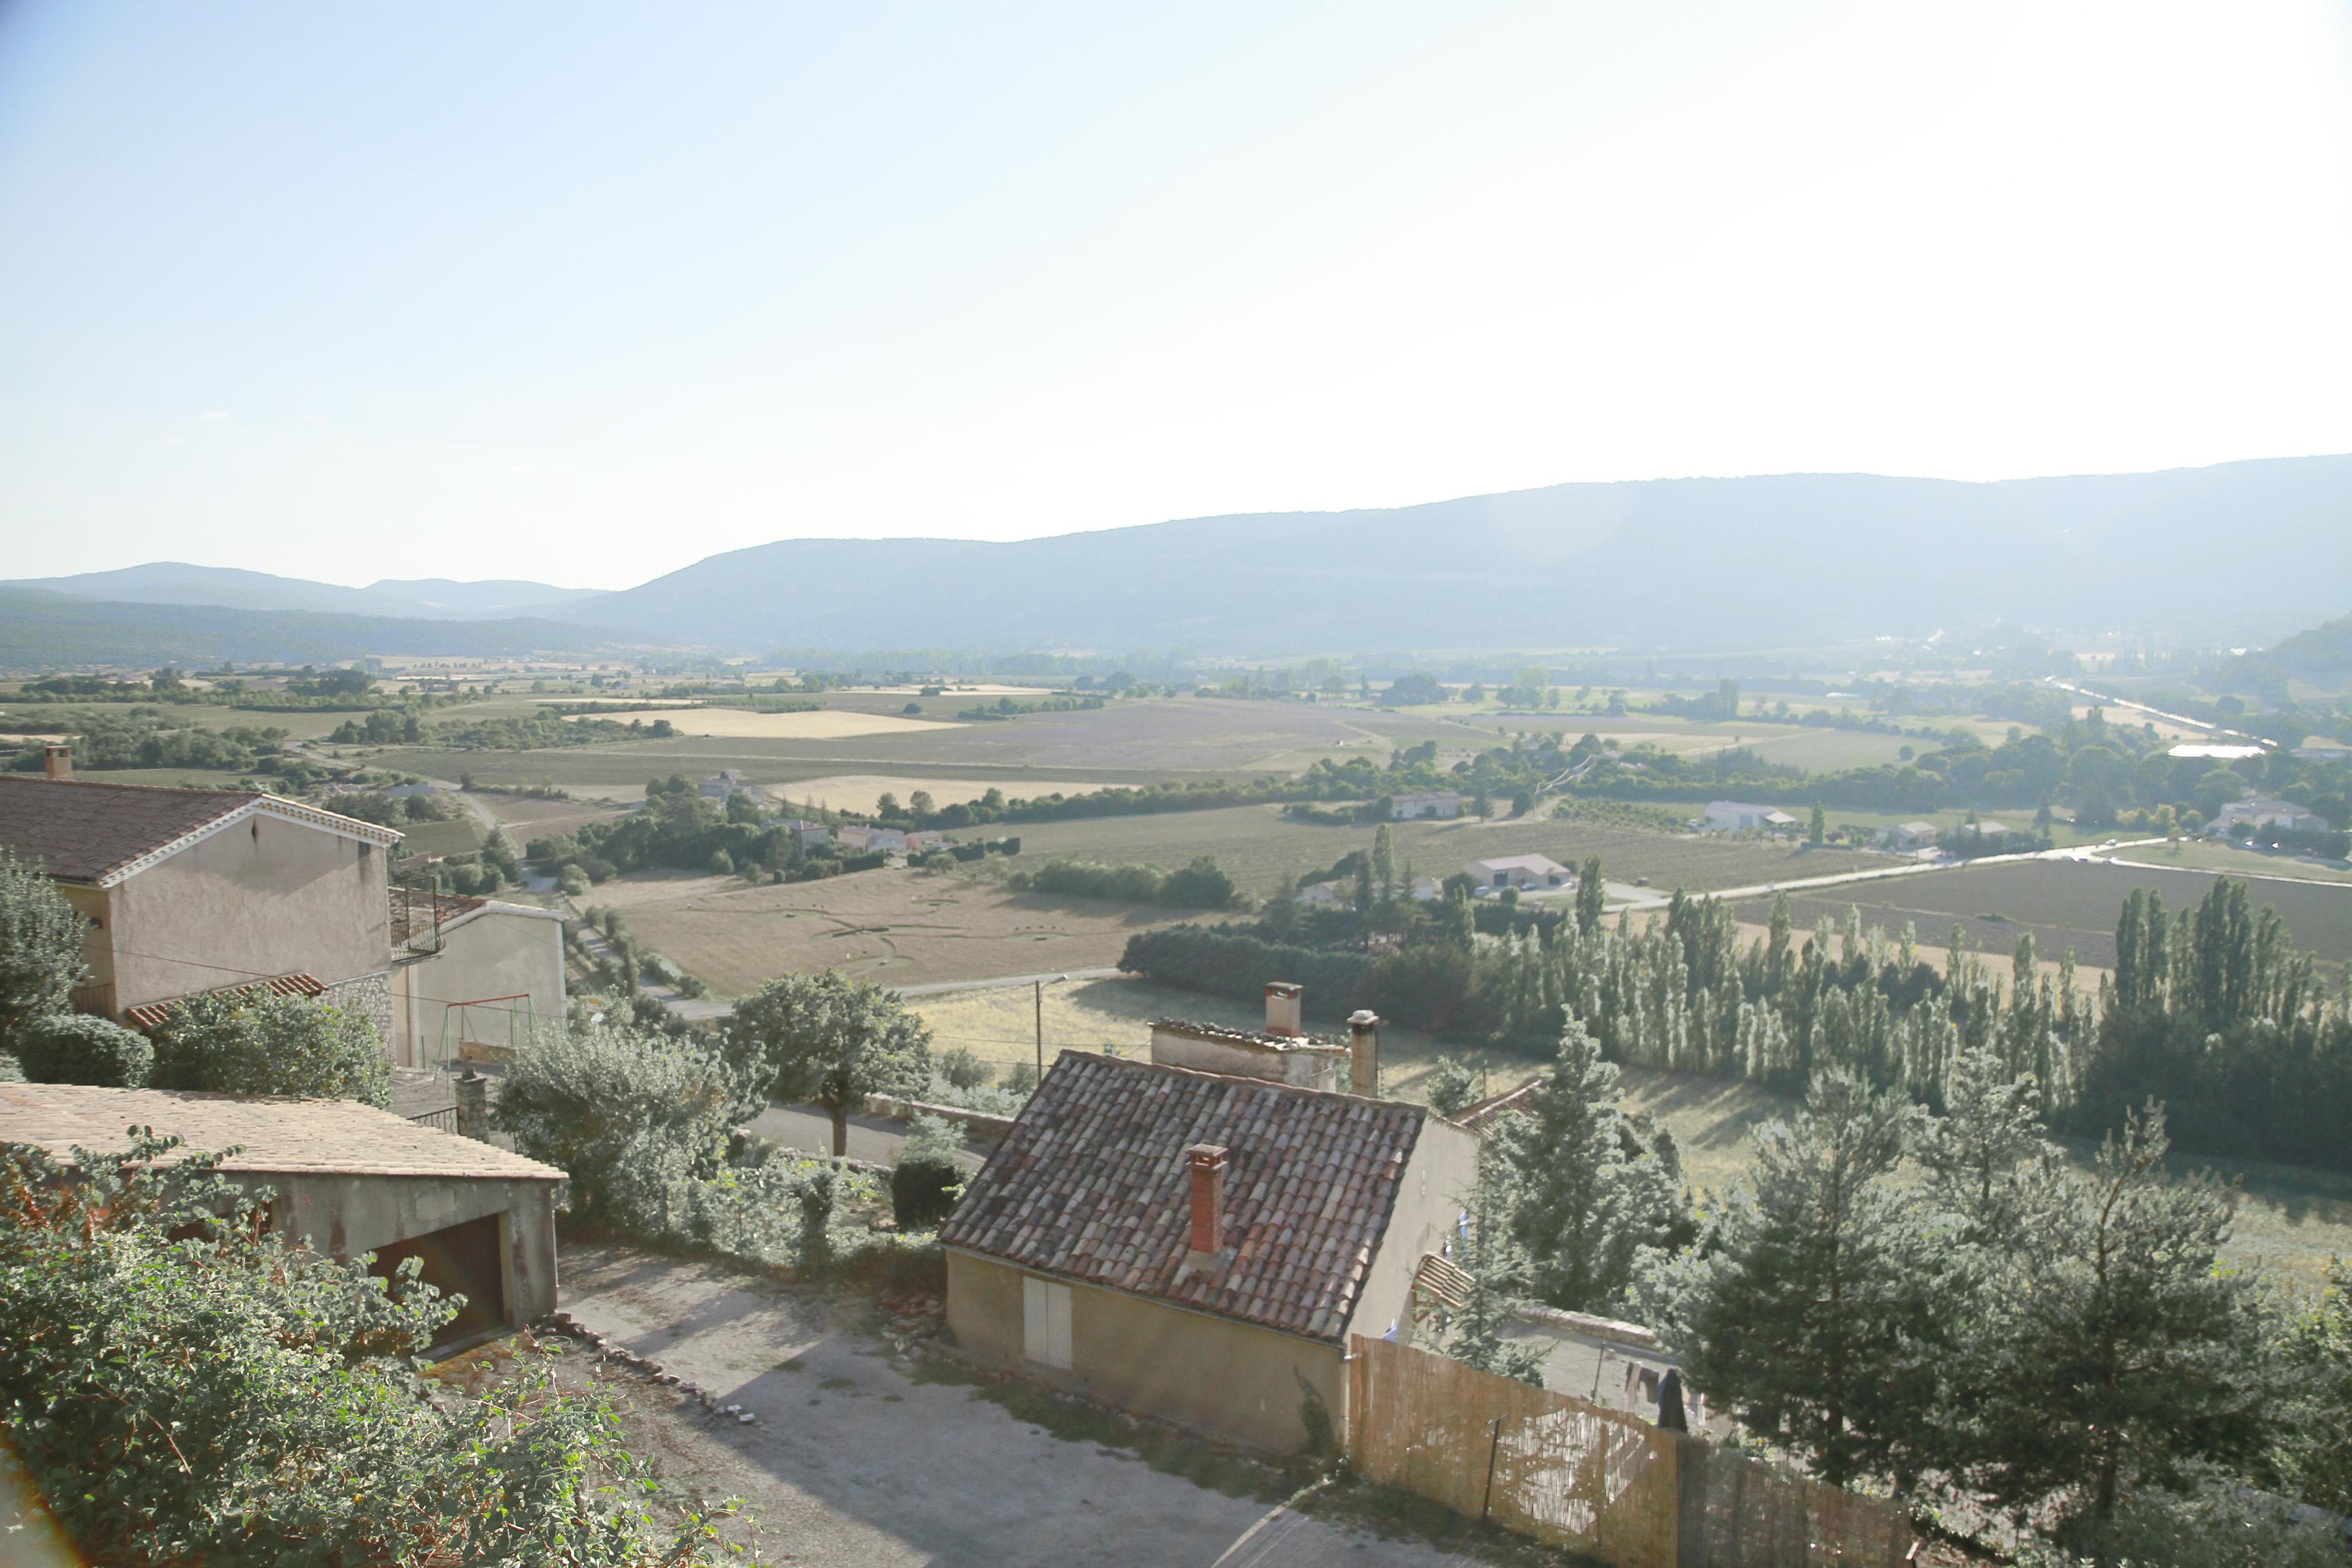 saulttopview